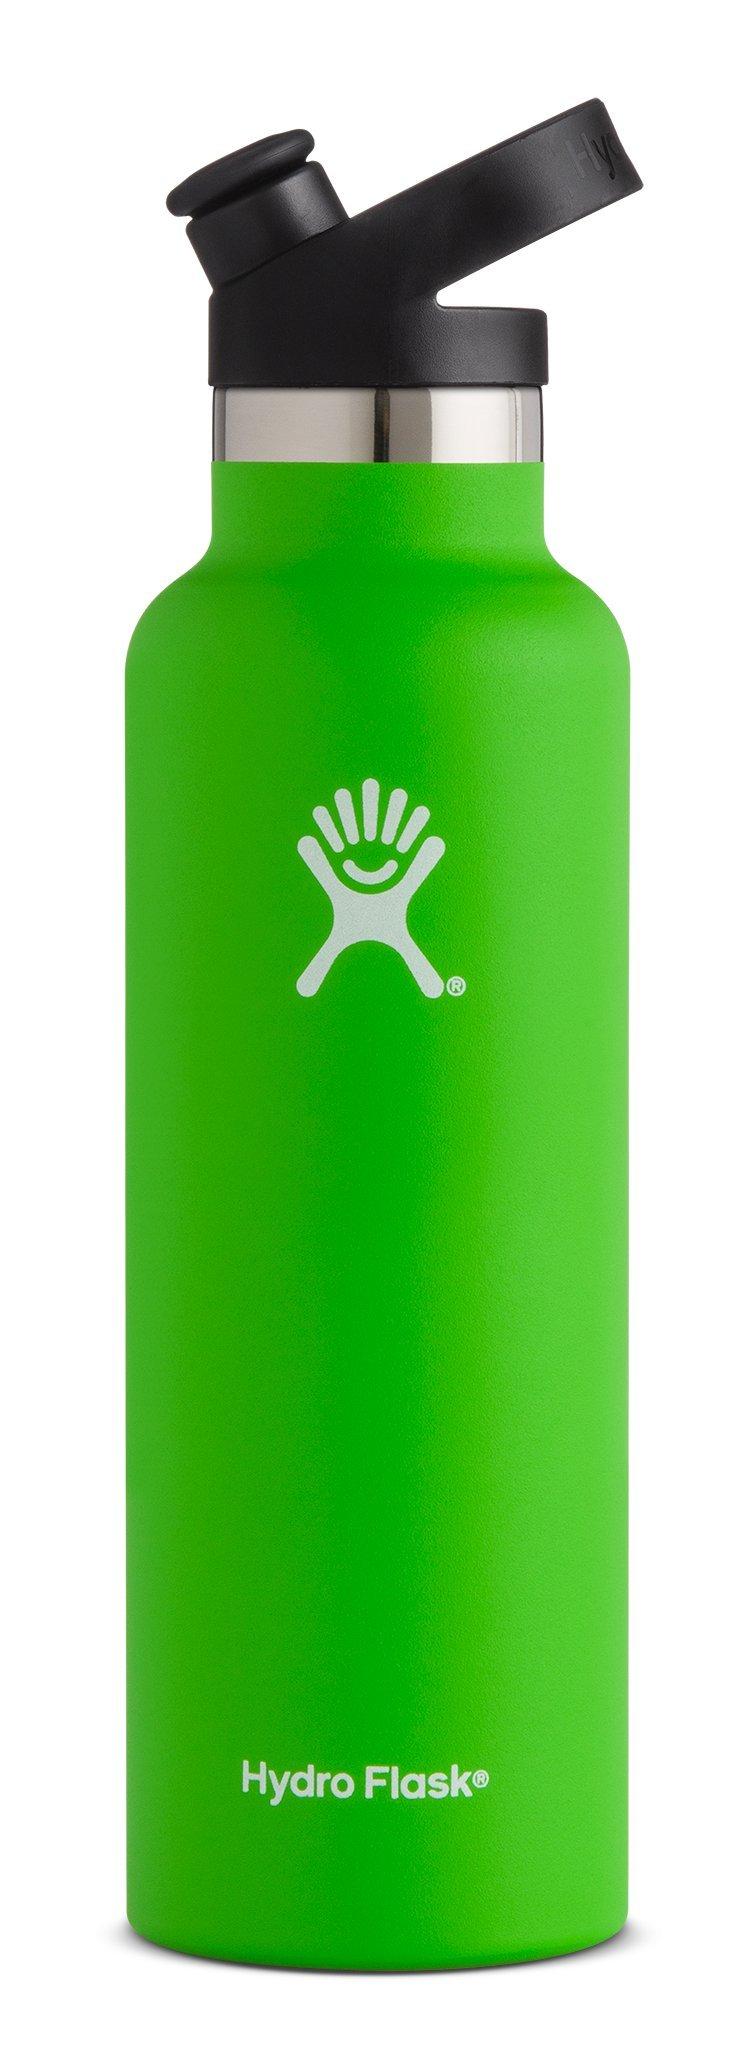 Hydro Flask 21Oz Standard Bottle with Sport Cap, 1 Each